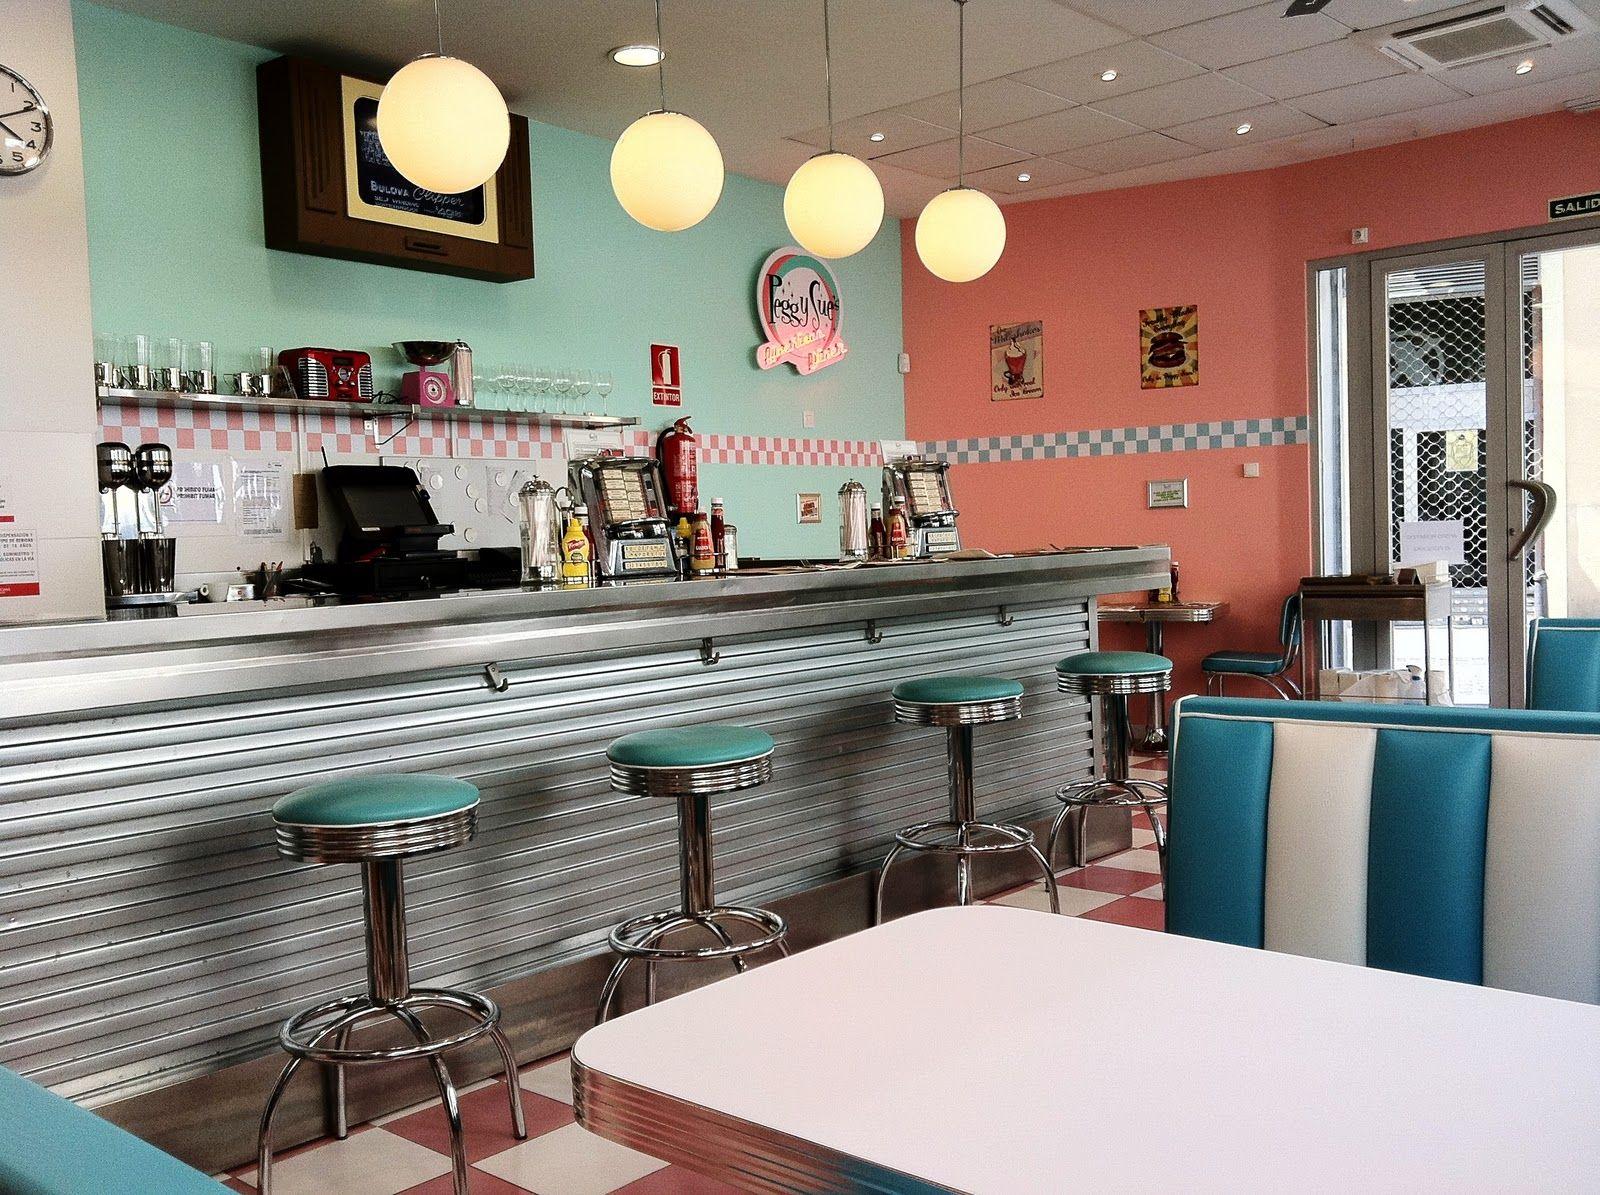 1950s Decor | 1950\'s style American Diner in Valencia, Spain | L♥VE ...